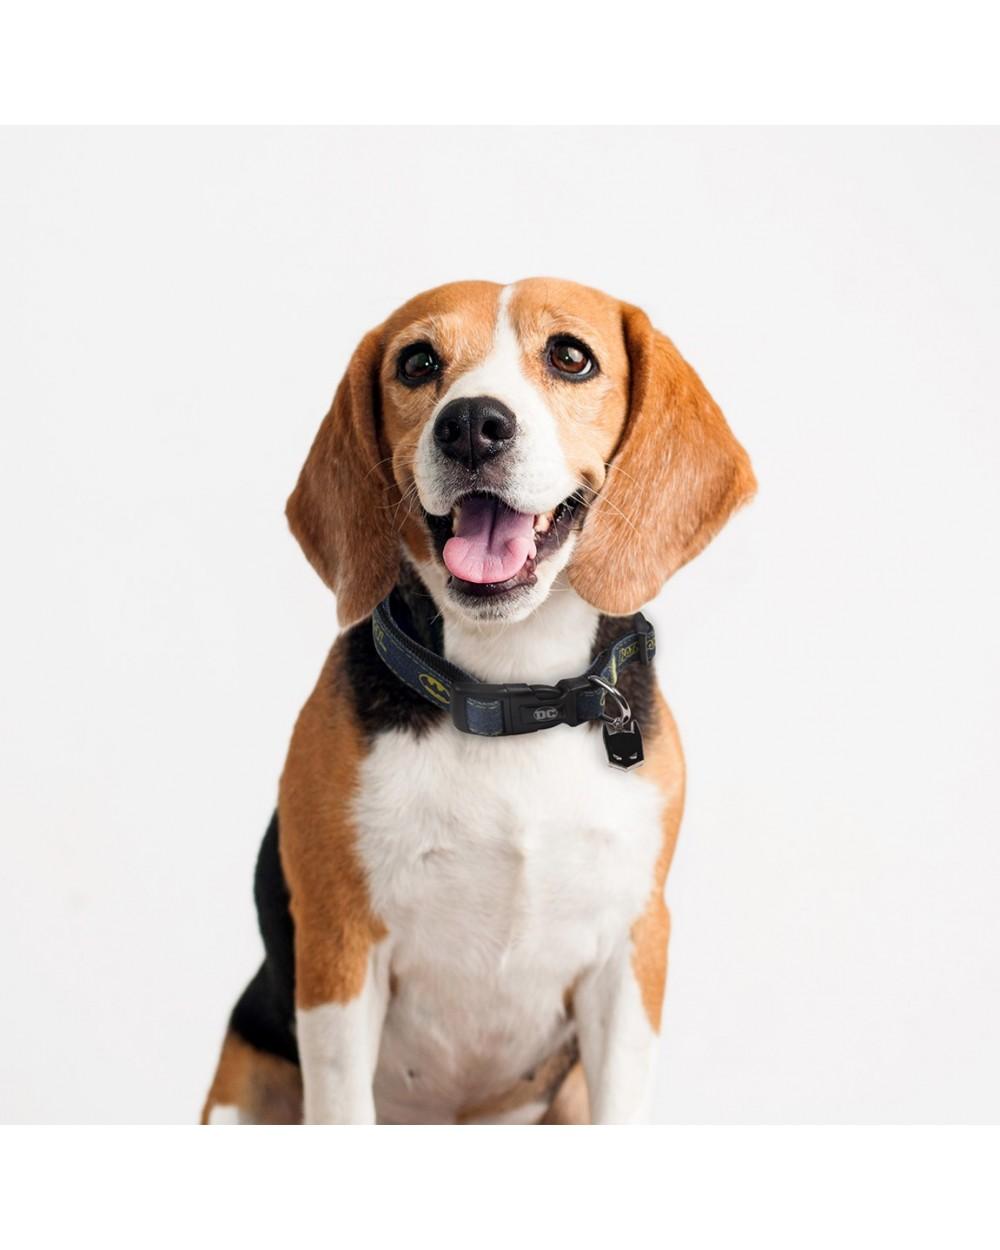 collar-para-perros-xs-bt-daily-use-20194